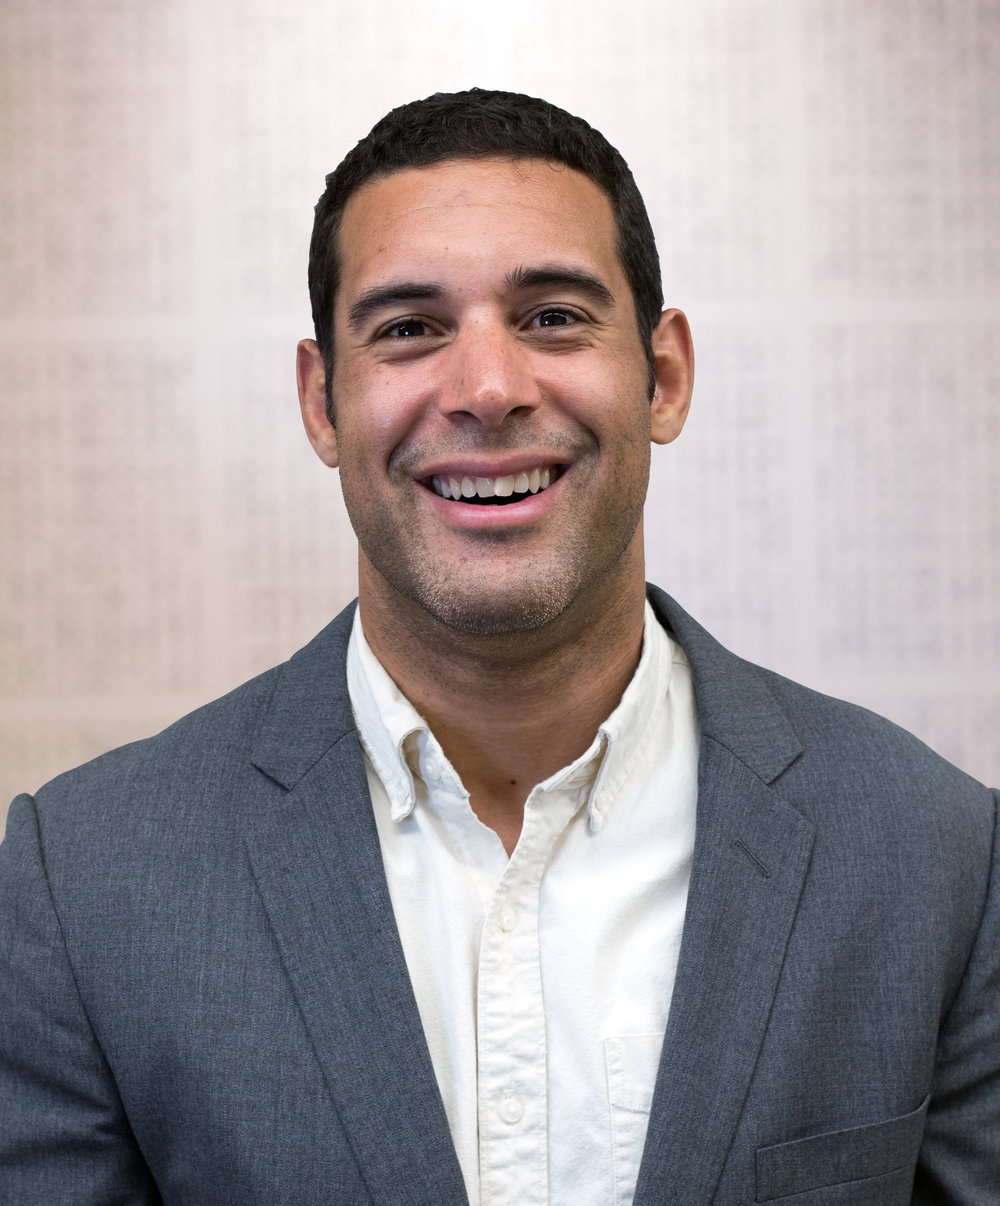 Chris Diaz Executive Director